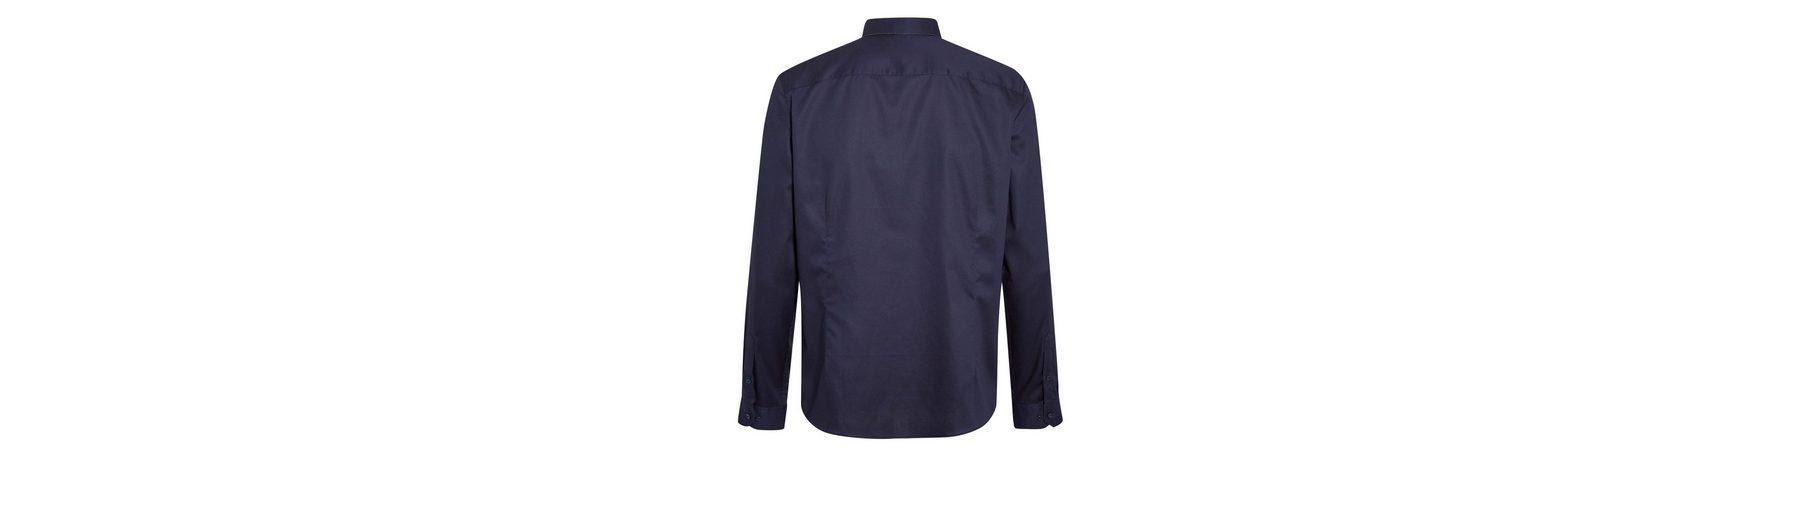 Next Hemd mit Doppelkragen Online-Verkauf YkZLZ0BsJ